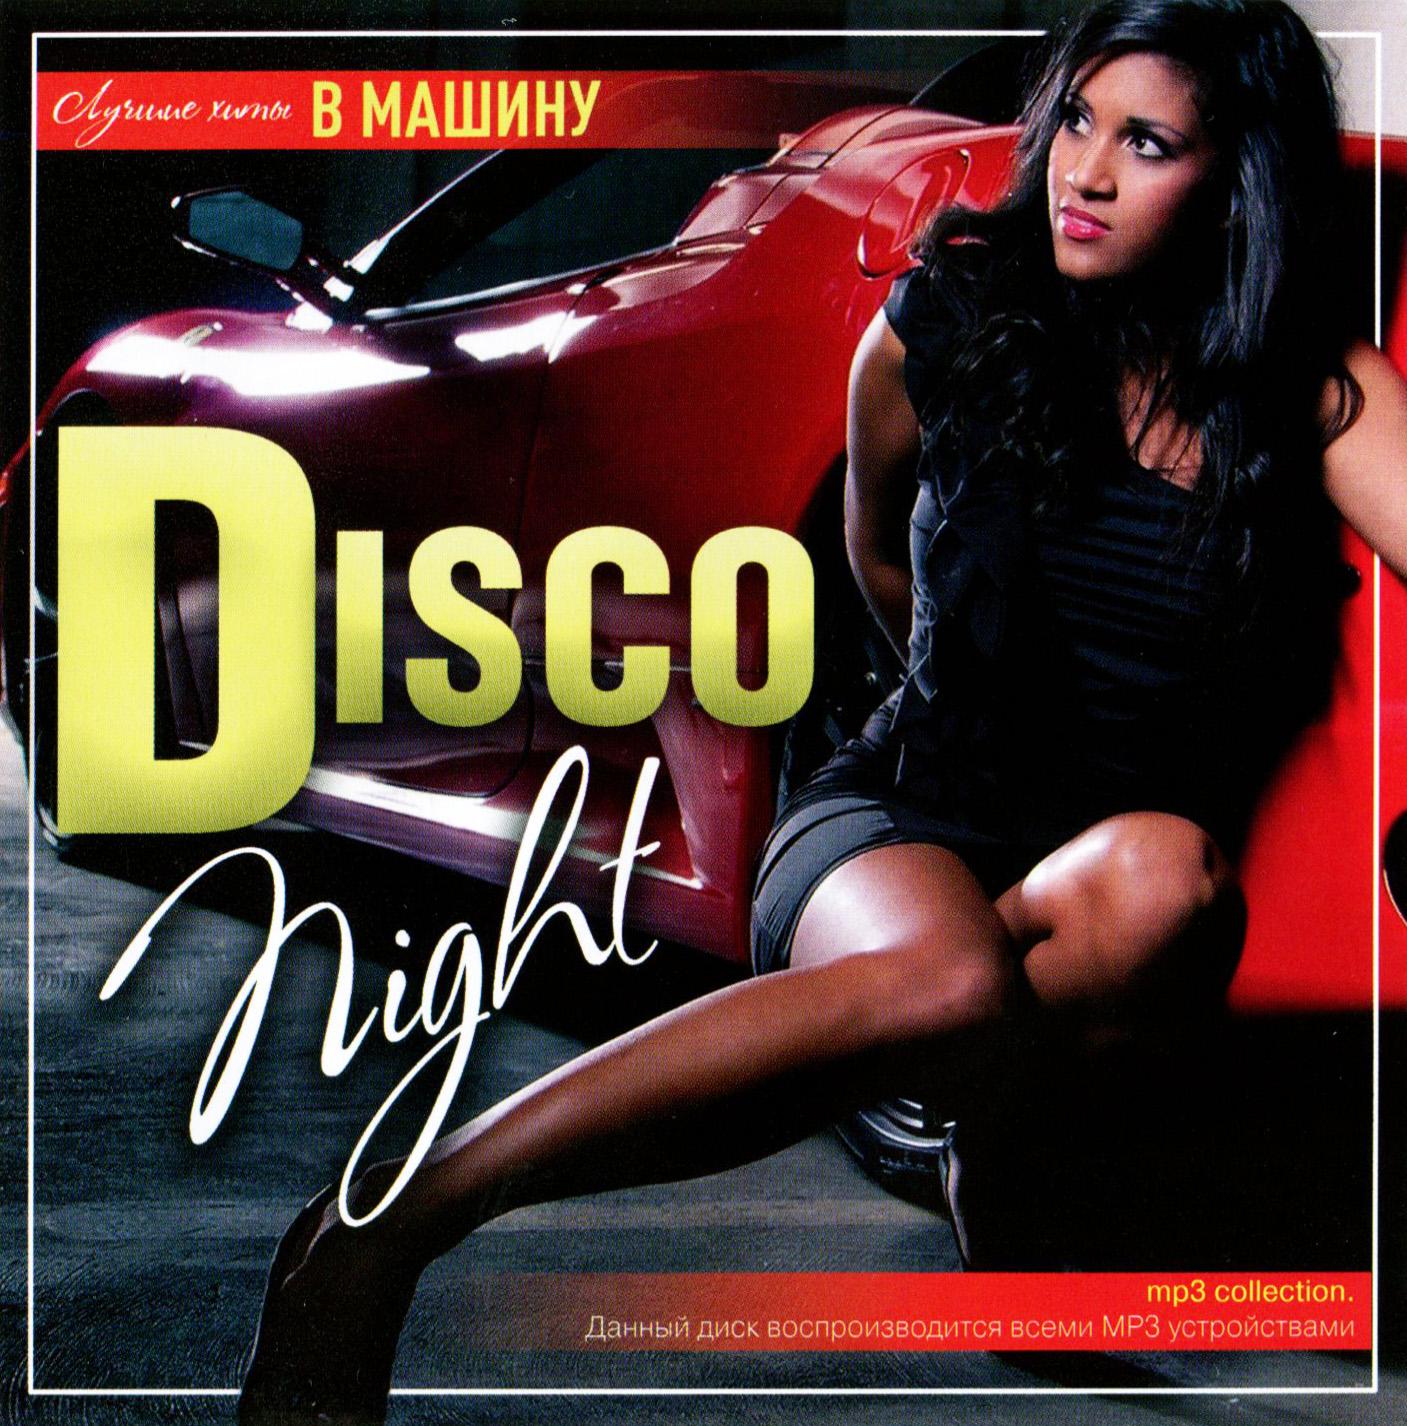 Disco Night – Лучшие хиты в машину [mp3]